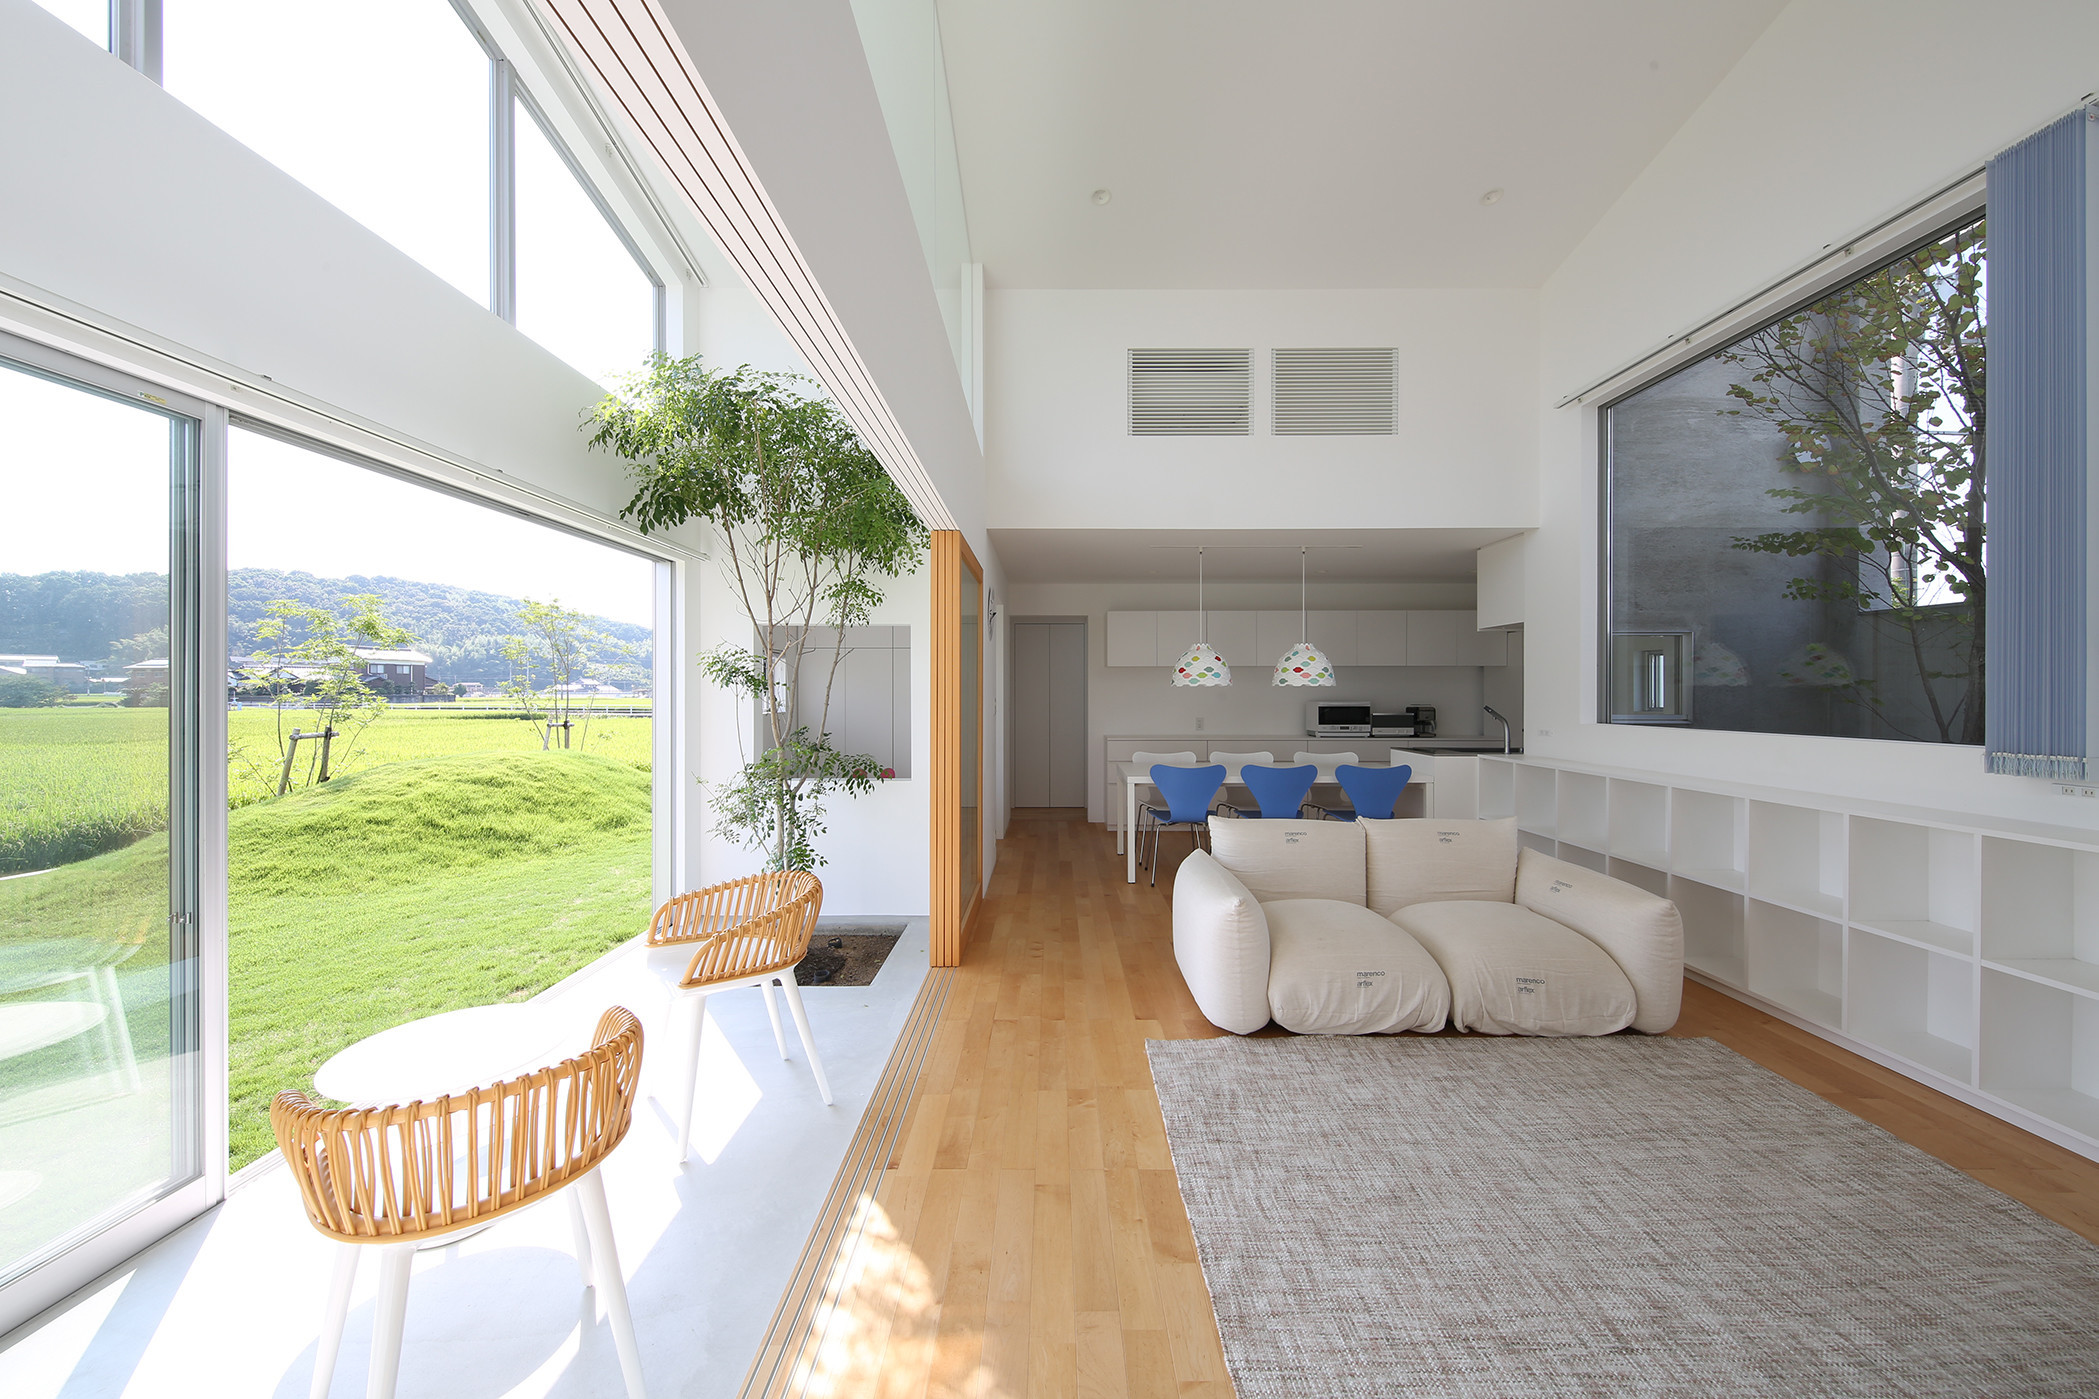 緑と共に暮らす家の建築事例写真